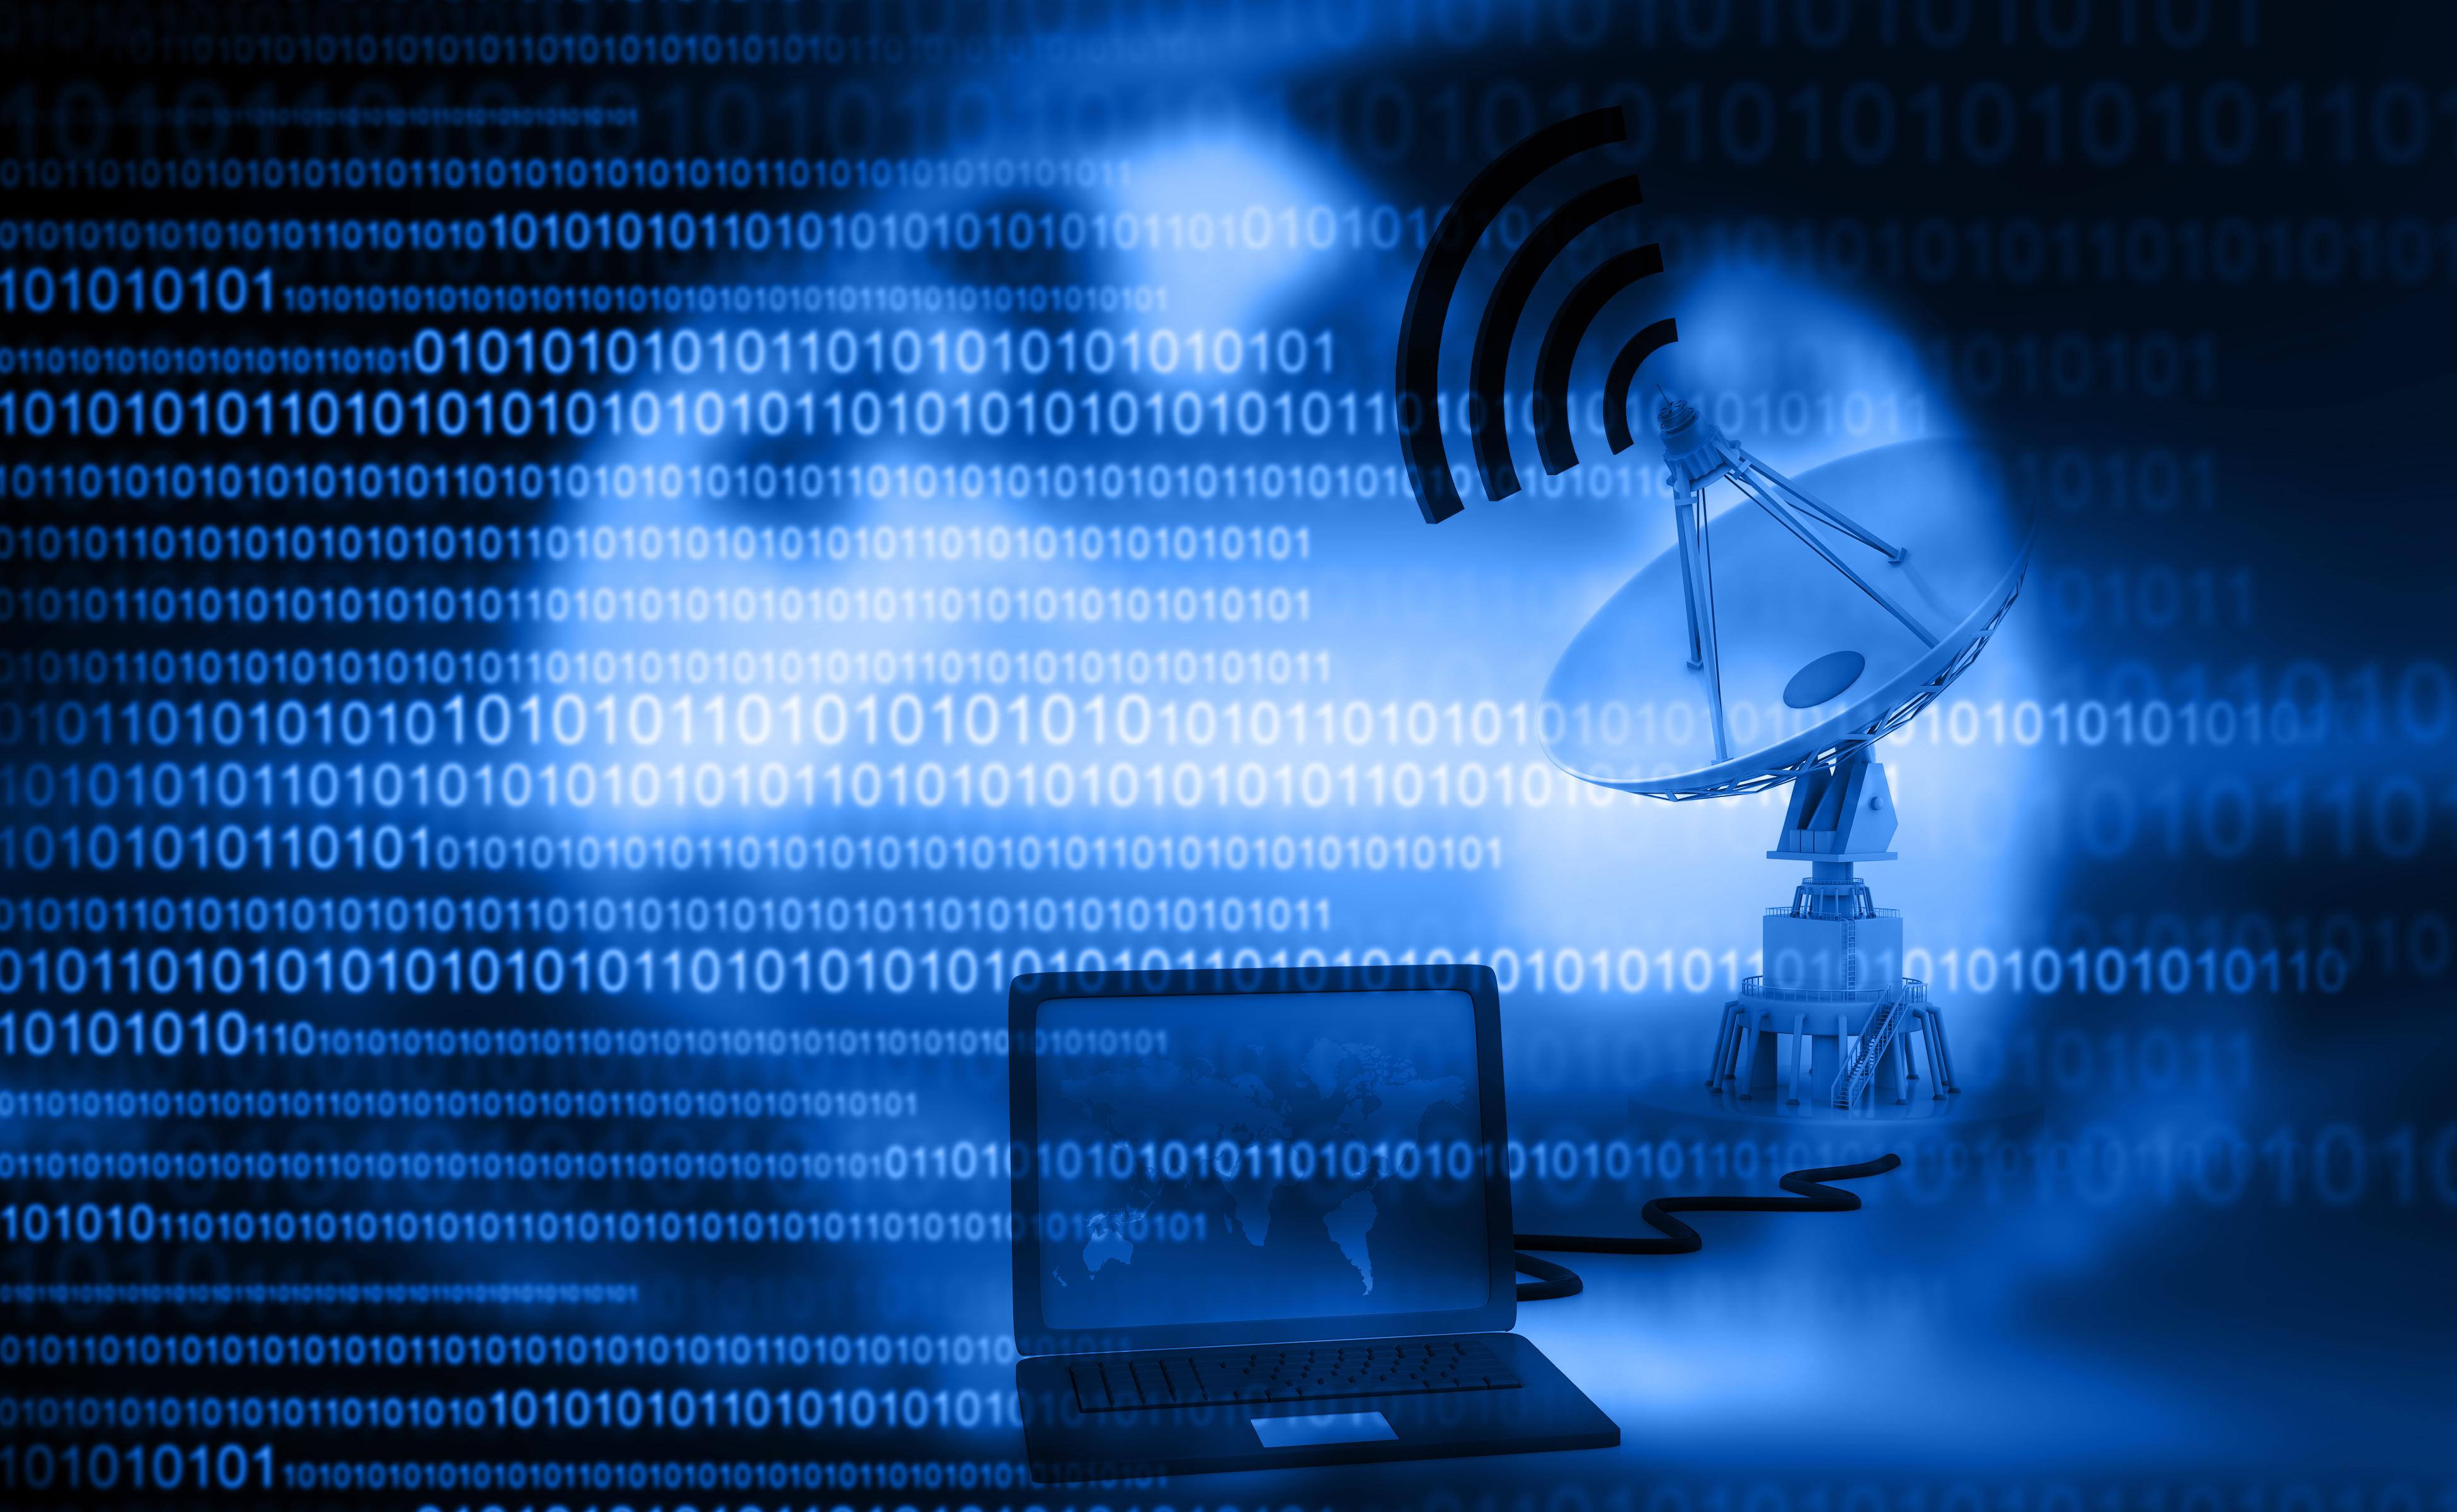 Aký prenos signálu zvoliť pri napojení na pult centrálnej ochrany?